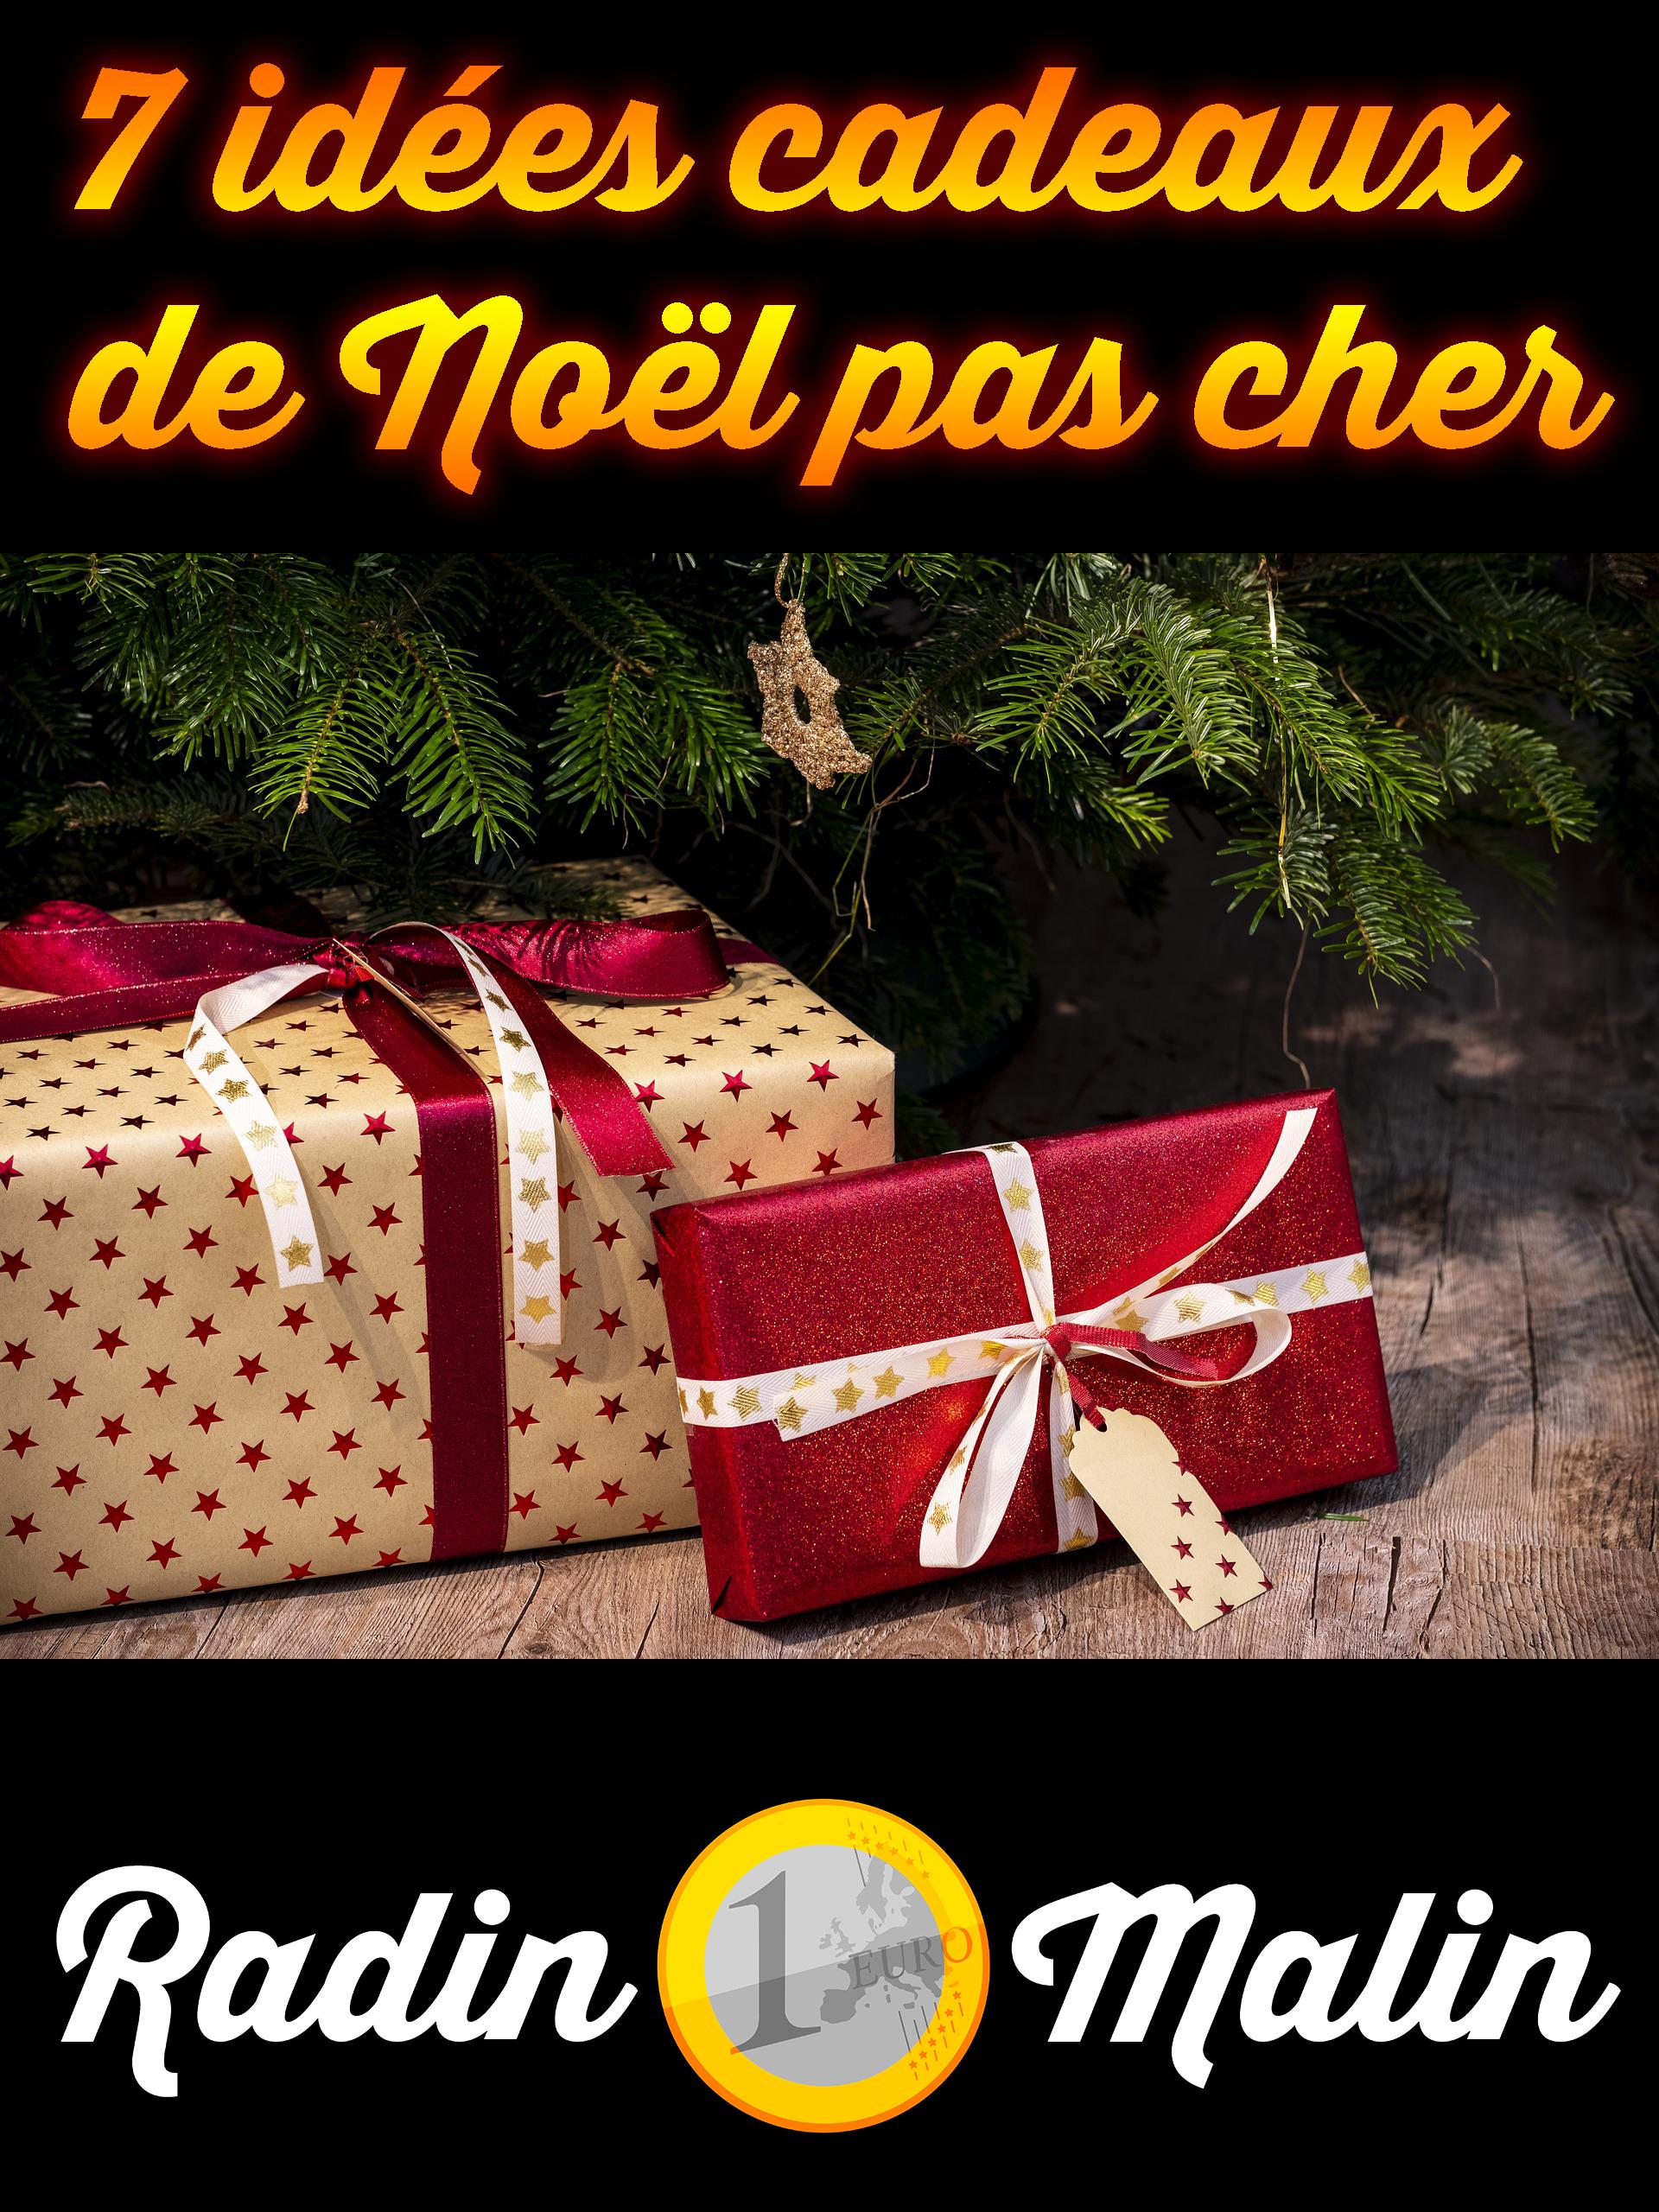 7 idées cadeaux de Noël pas cher (voire gratuit !)   Cadeau noel